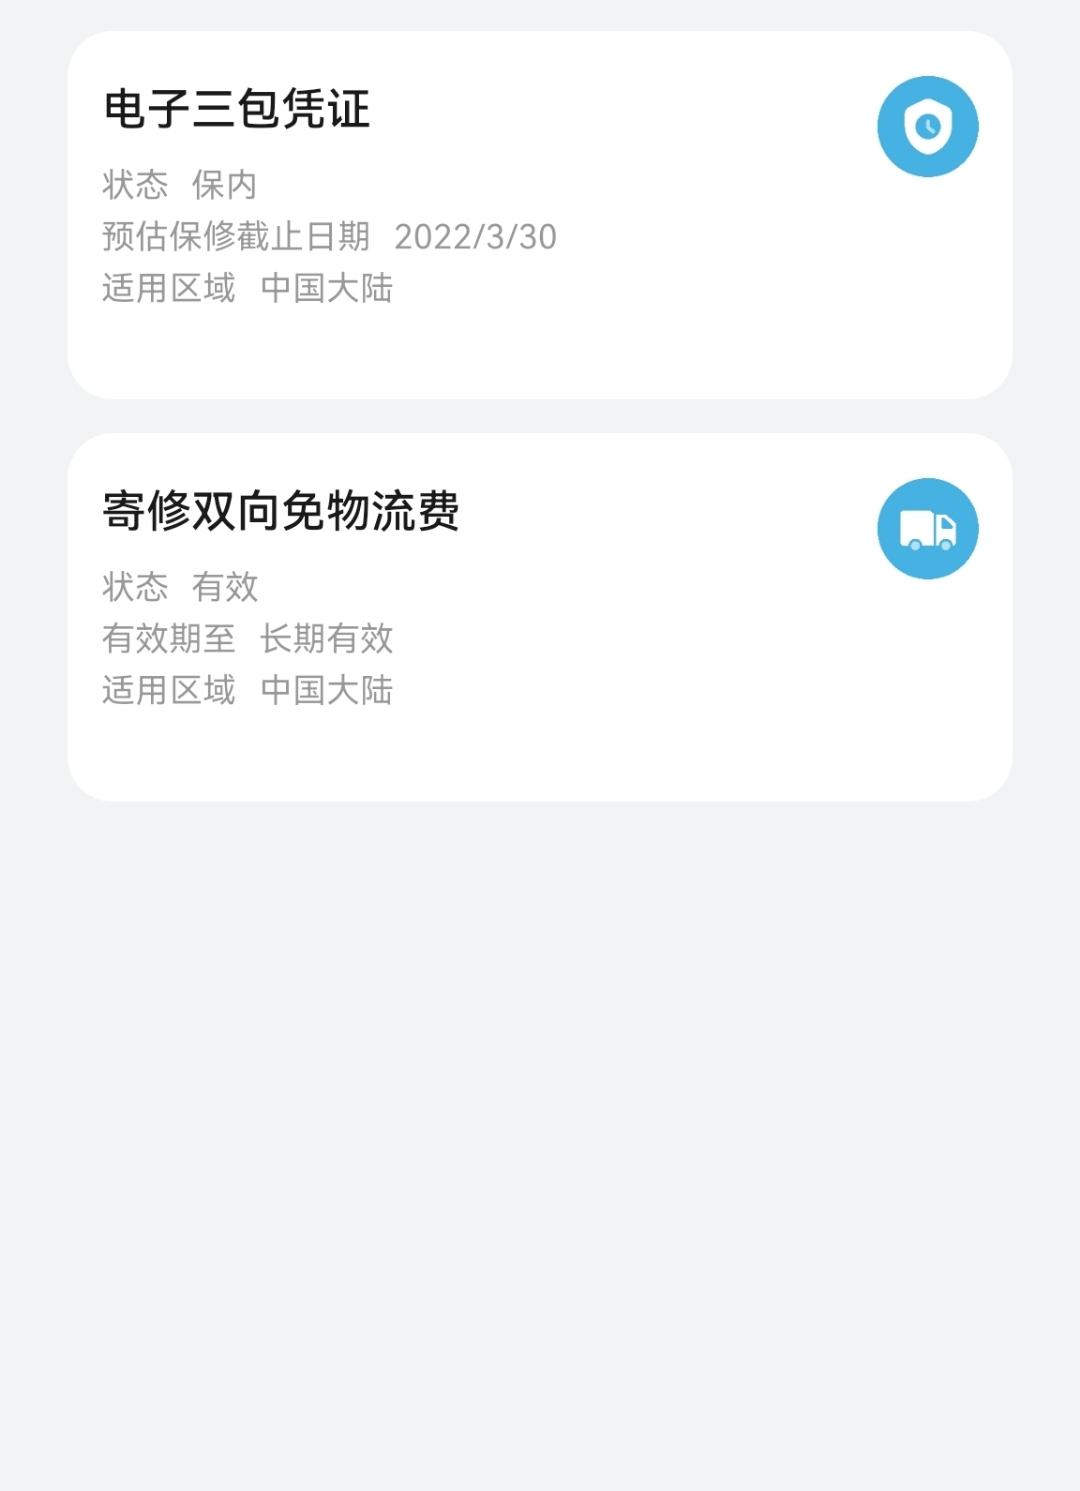 Screenshot_20210804_142919.jpg